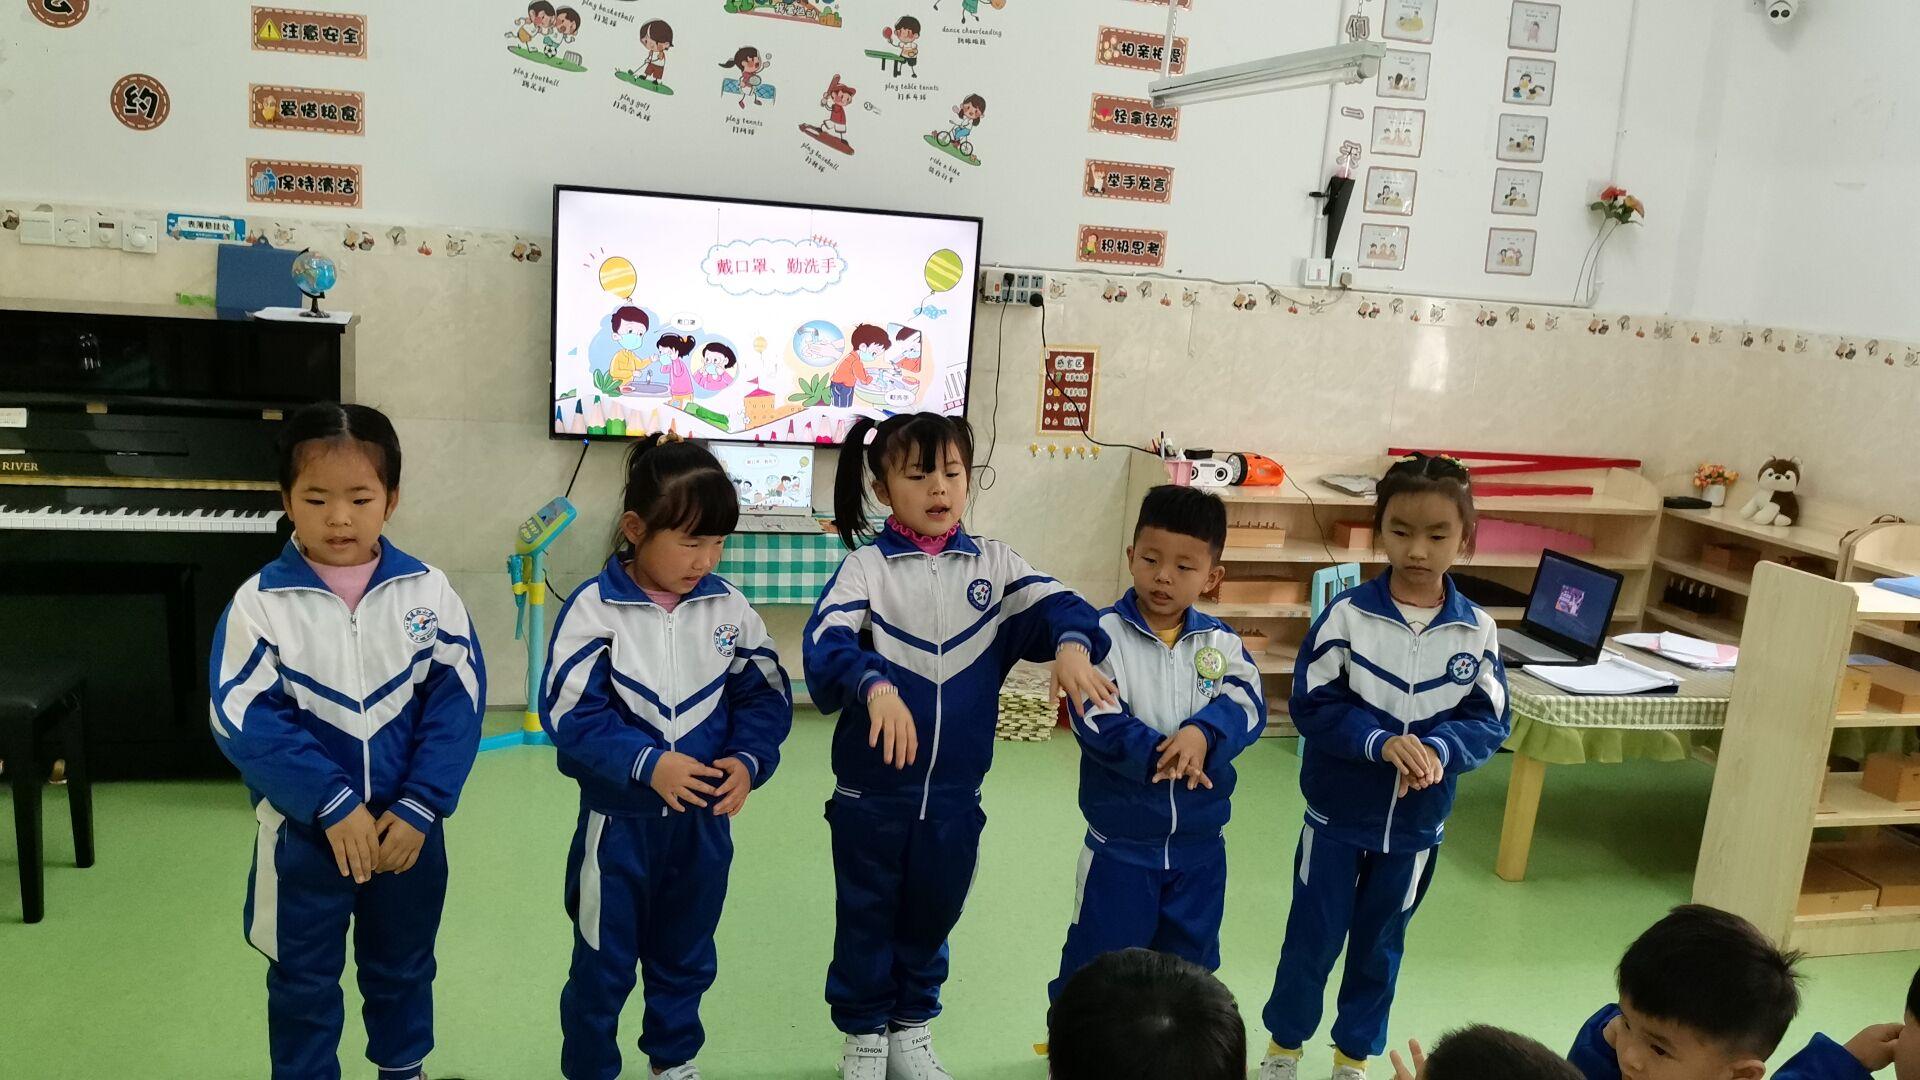 快乐启航,欢迎回家——福清西山学校幼儿园欢迎小朋友们回家